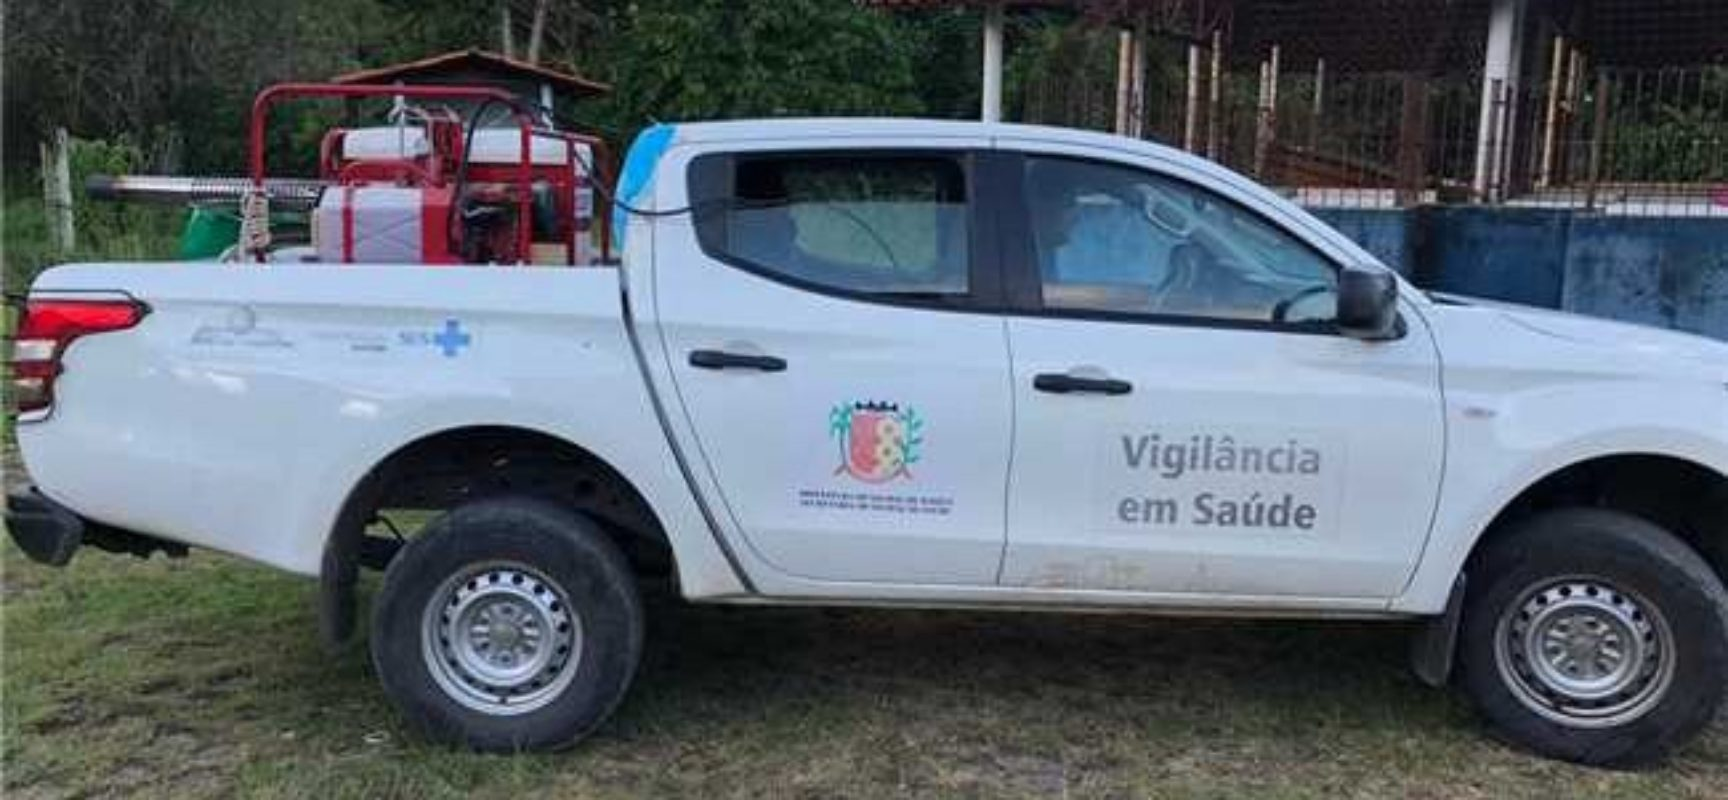 Ilhéus: Carro fumacê vai em 17 localidades esta semana; Confira programação